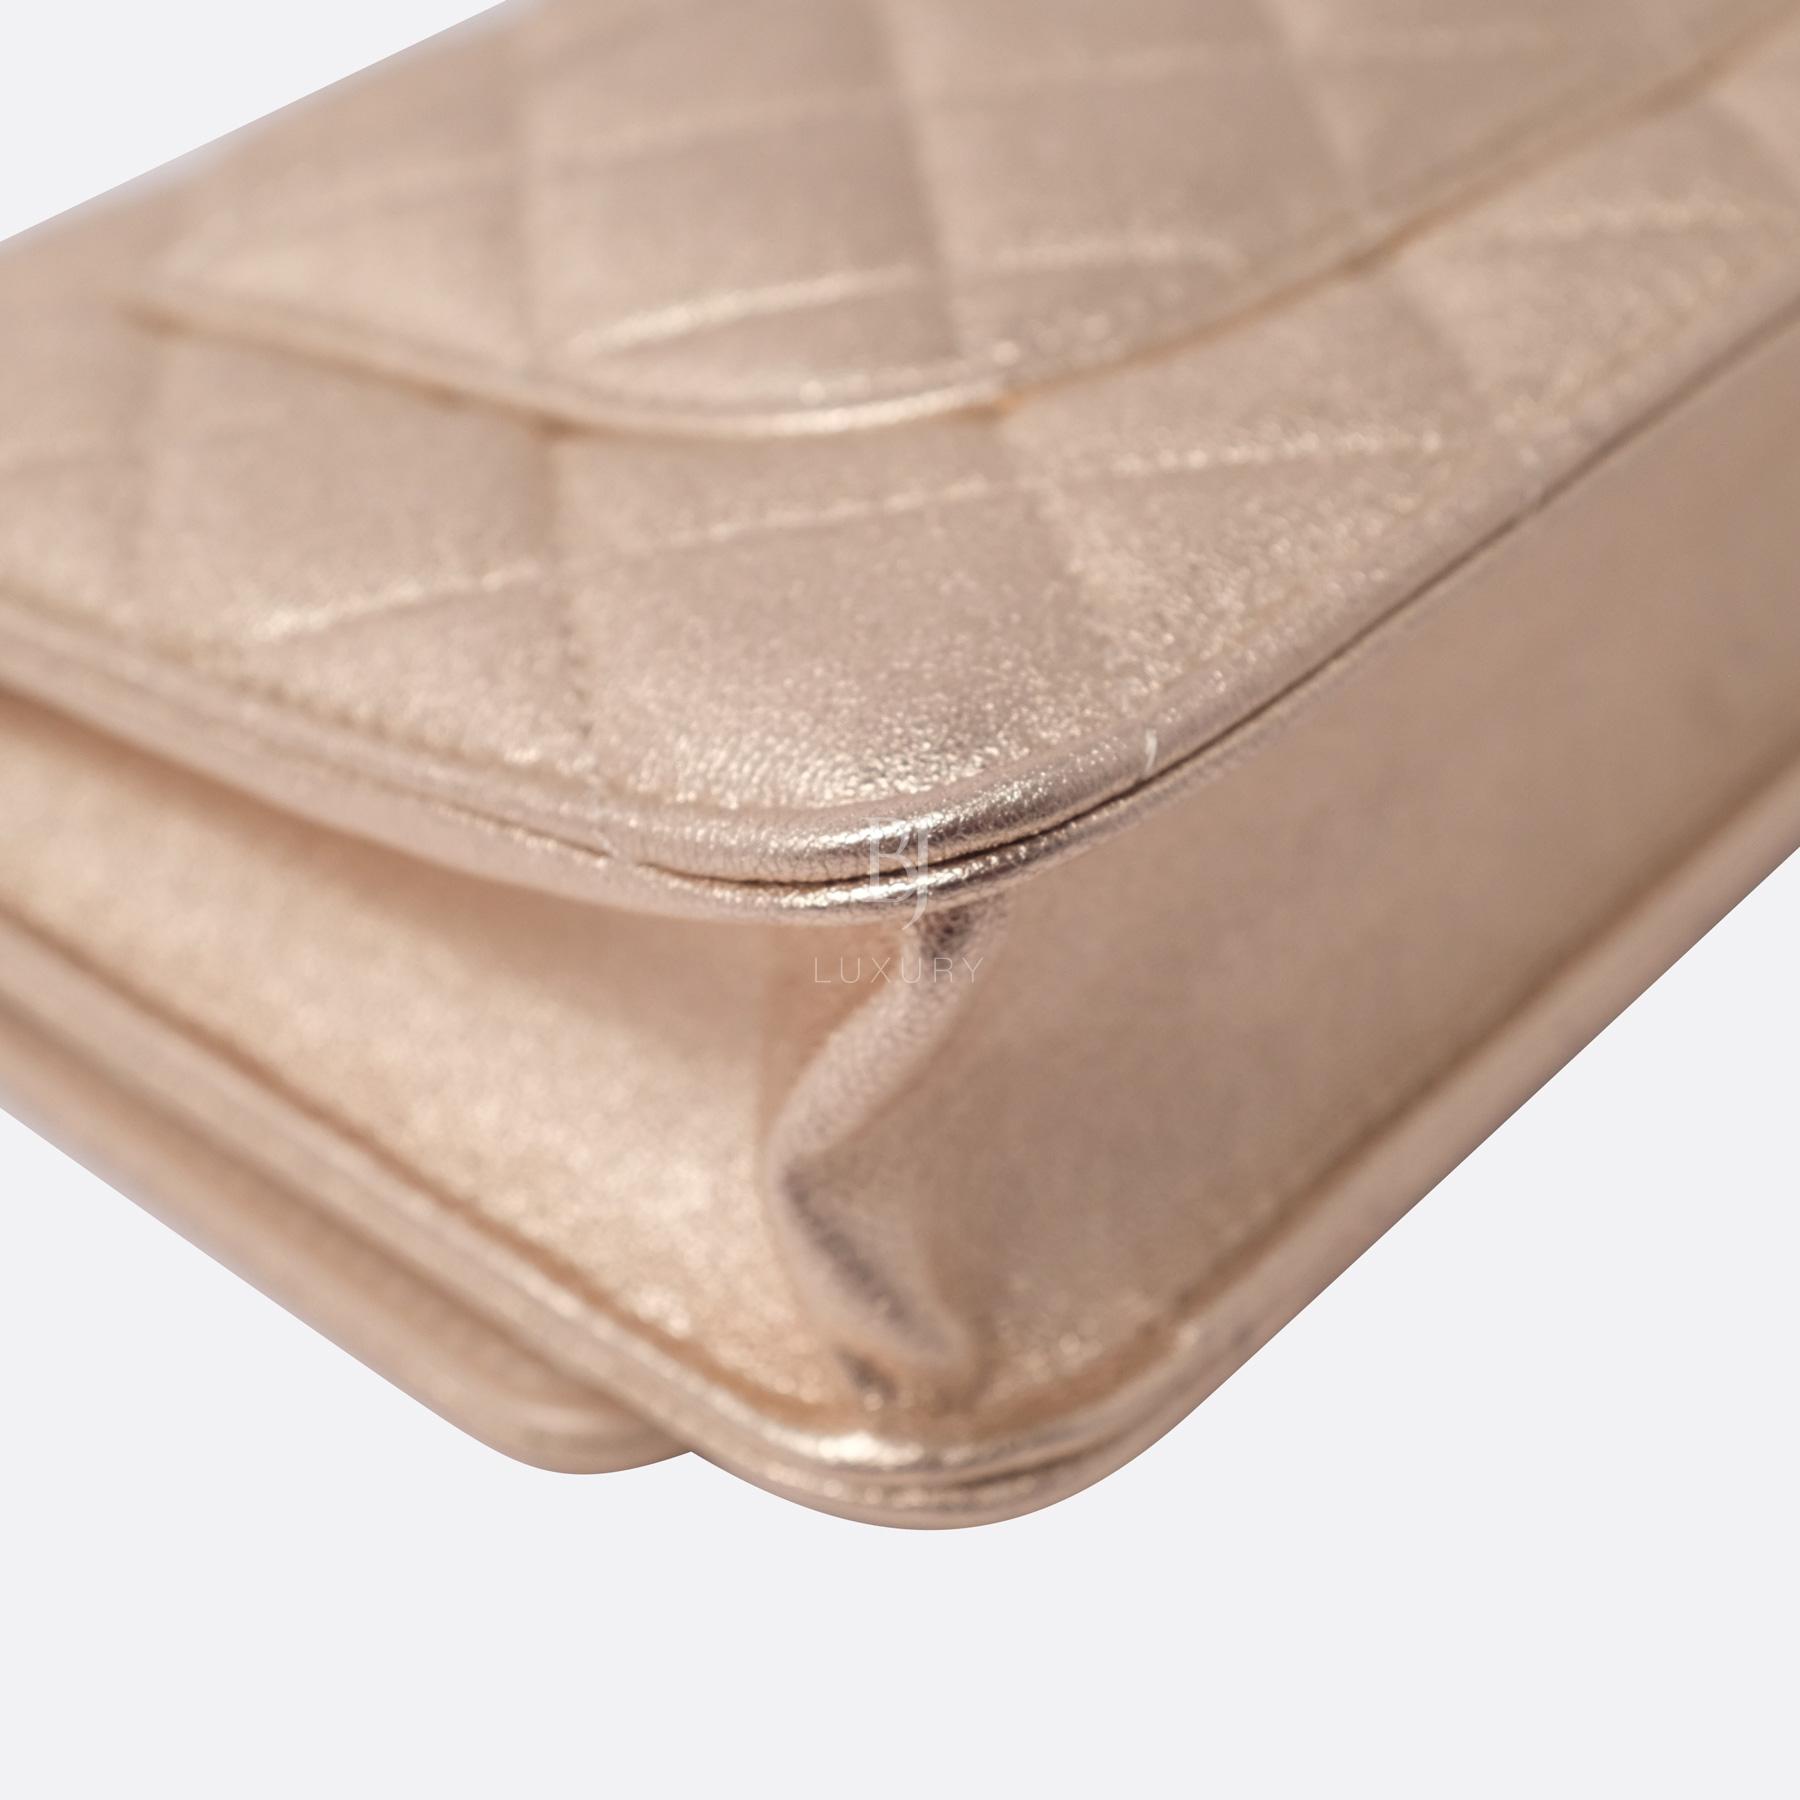 Chanel Wallet on Chain Mini Lambskin Light Gold BJ Luxury 10.jpg